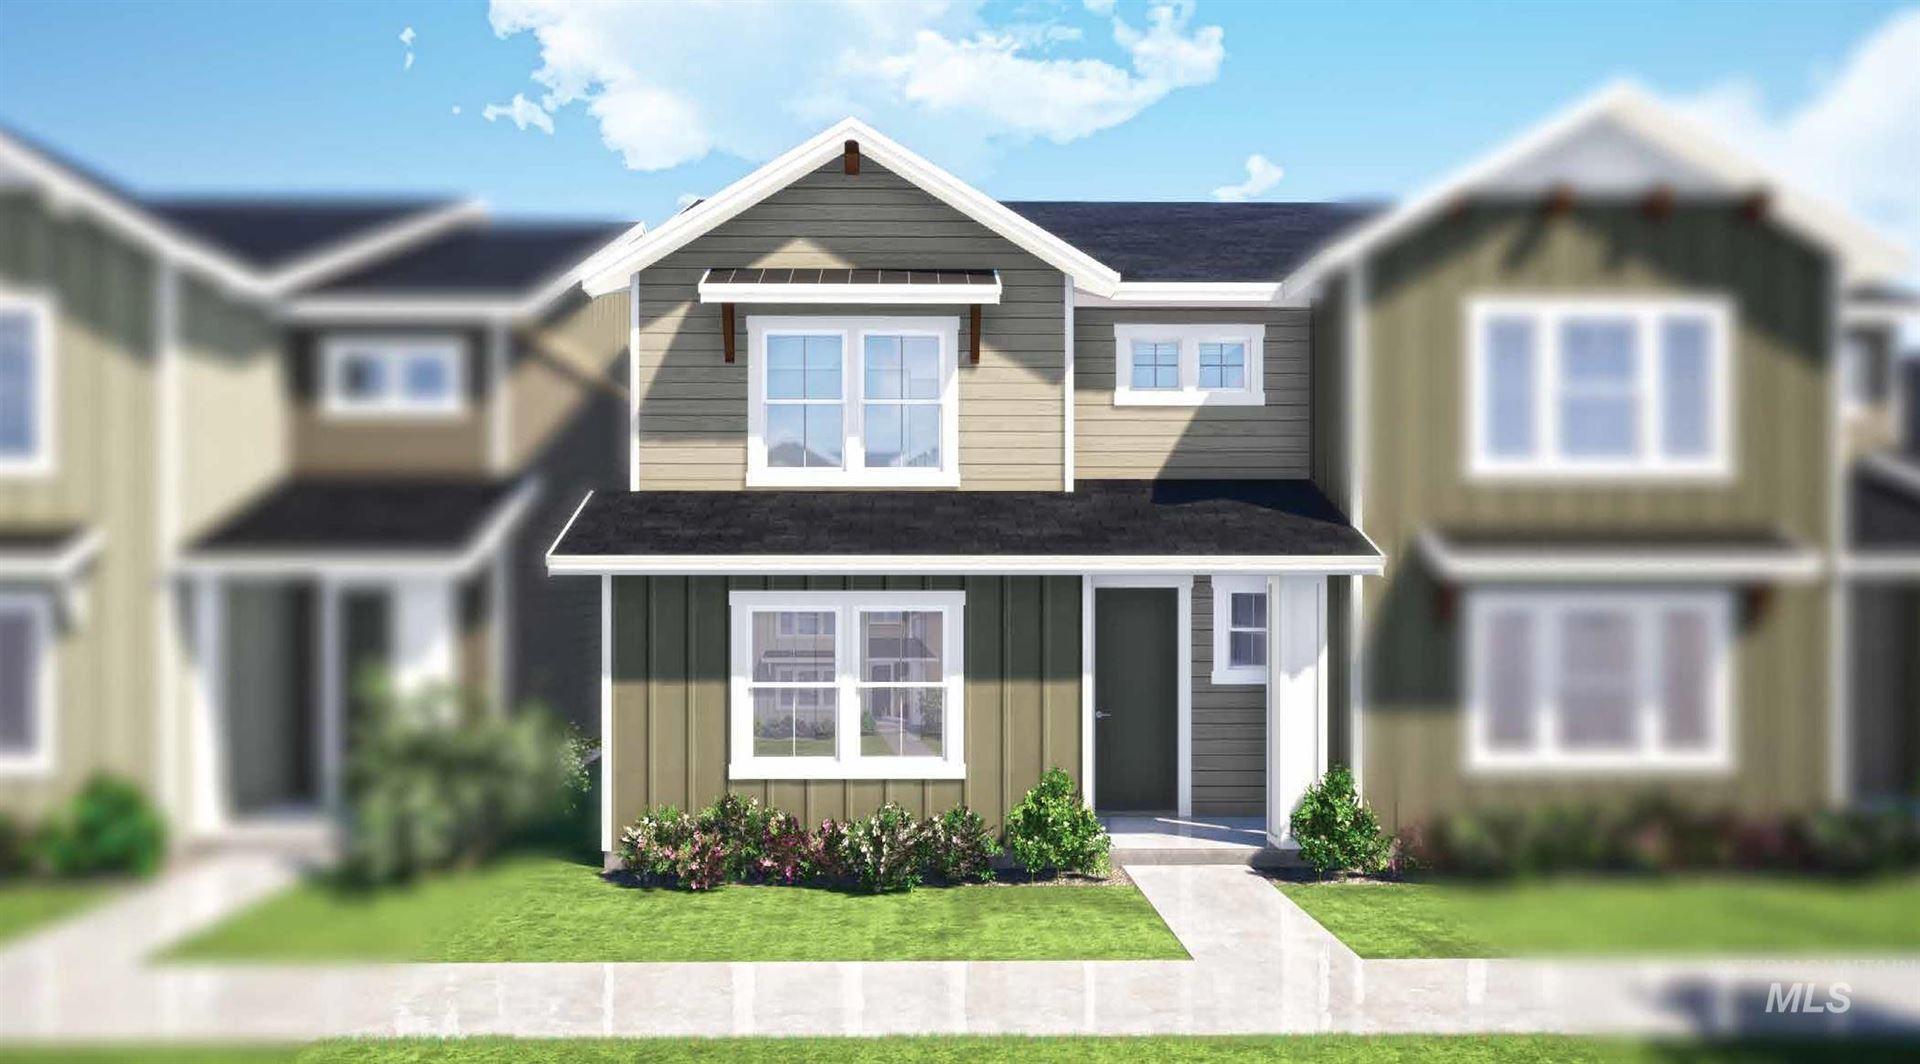 11095 W Shelbourne, Boise, ID 83709 - MLS#: 98821186